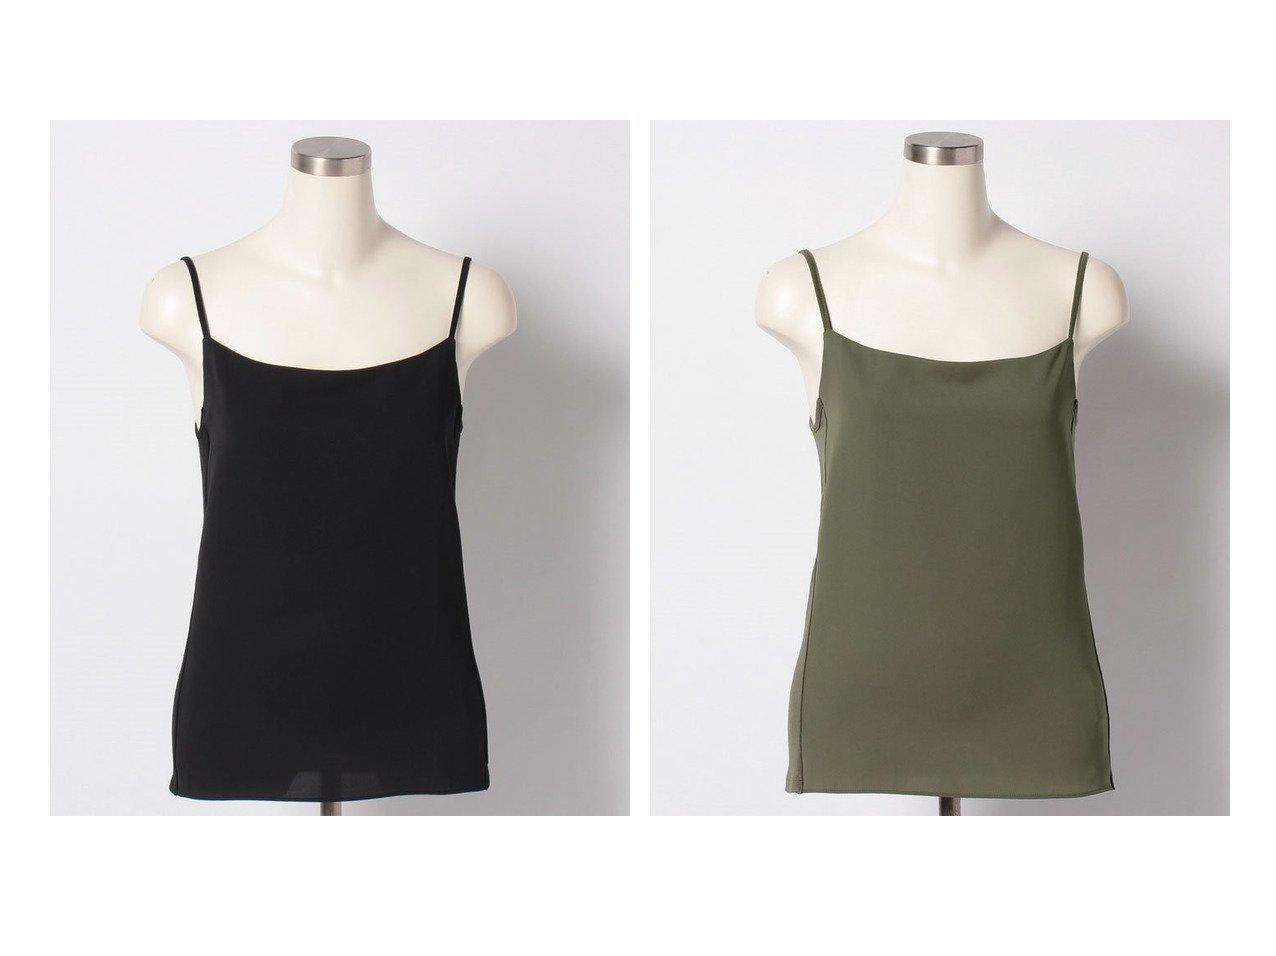 【ANAYI/アナイ】のベアテンツイルコンビキャミソール ANAYIのおすすめ!人気、トレンド・レディースファッションの通販  おすすめで人気の流行・トレンド、ファッションの通販商品 メンズファッション・キッズファッション・インテリア・家具・レディースファッション・服の通販 founy(ファニー) https://founy.com/ ファッション Fashion レディースファッション WOMEN トップス カットソー Tops Tshirt キャミソール / ノースリーブ No Sleeves シャツ/ブラウス Shirts Blouses ロング / Tシャツ T-Shirts カットソー Cut and Sewn インナー エアリー キャミソール ストレッチ |ID:crp329100000020270